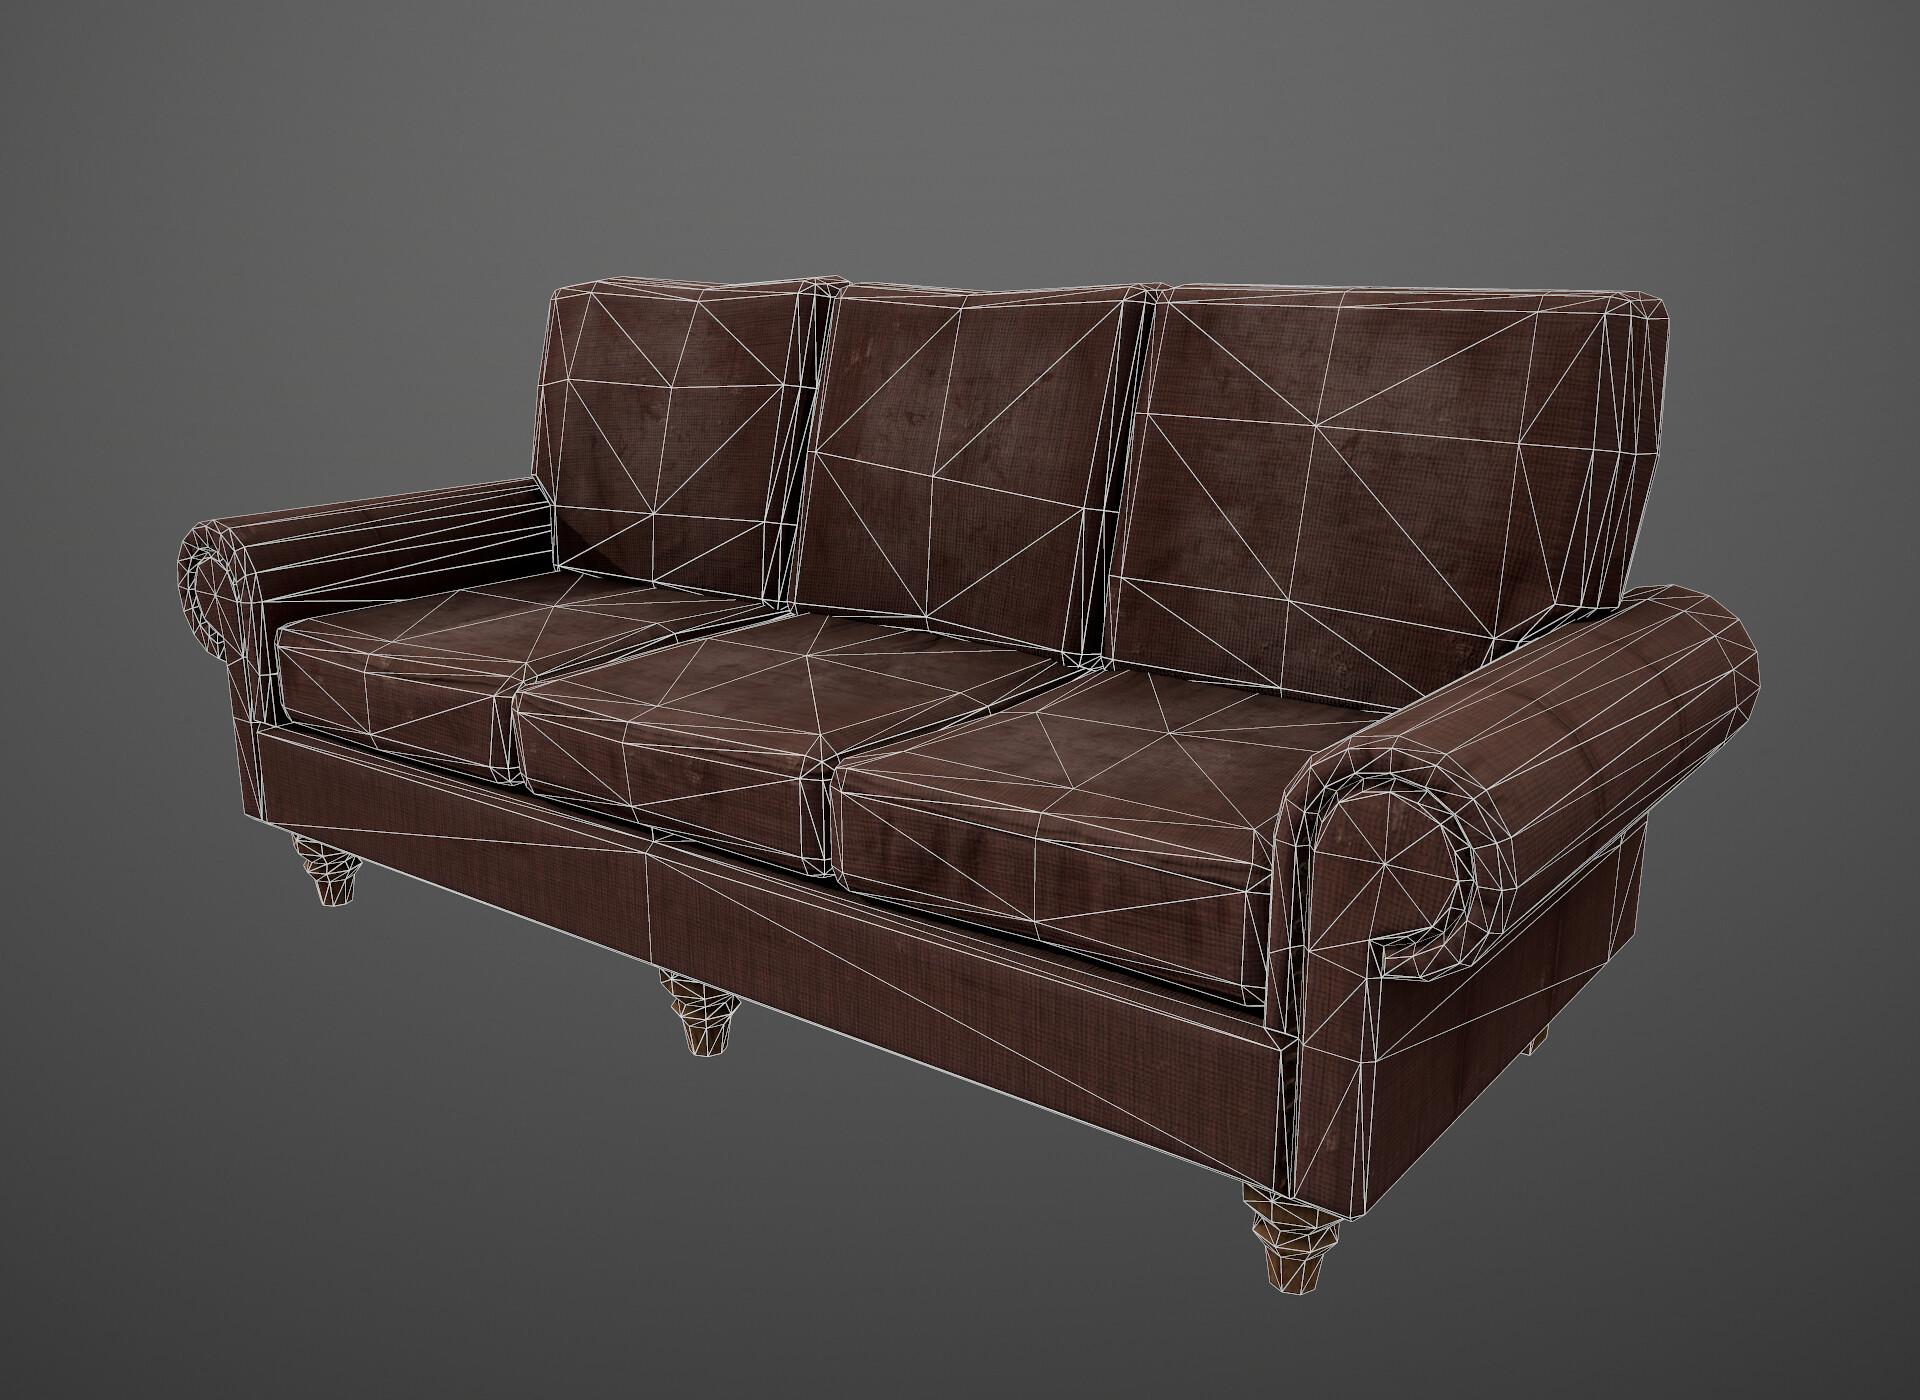 1746 tris for the sofa